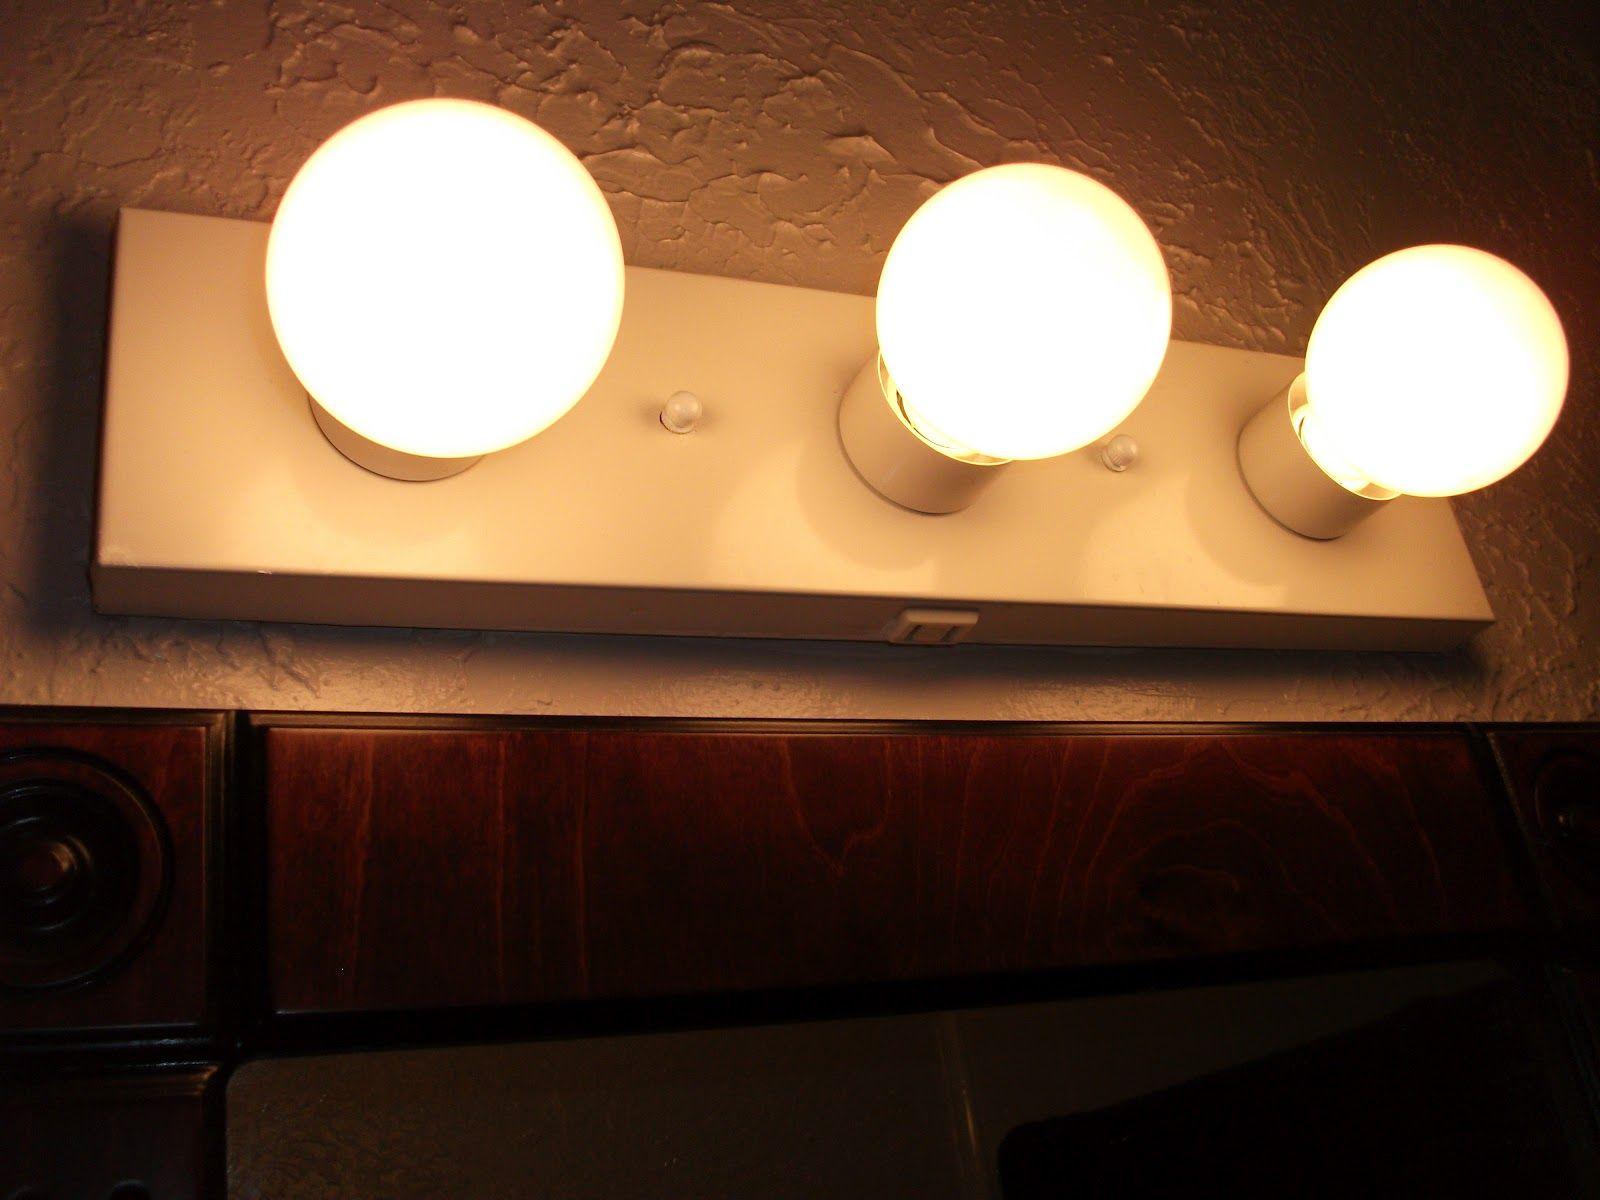 Top 7 Extraordinary Costco Bathroom Light Fixtures For Design